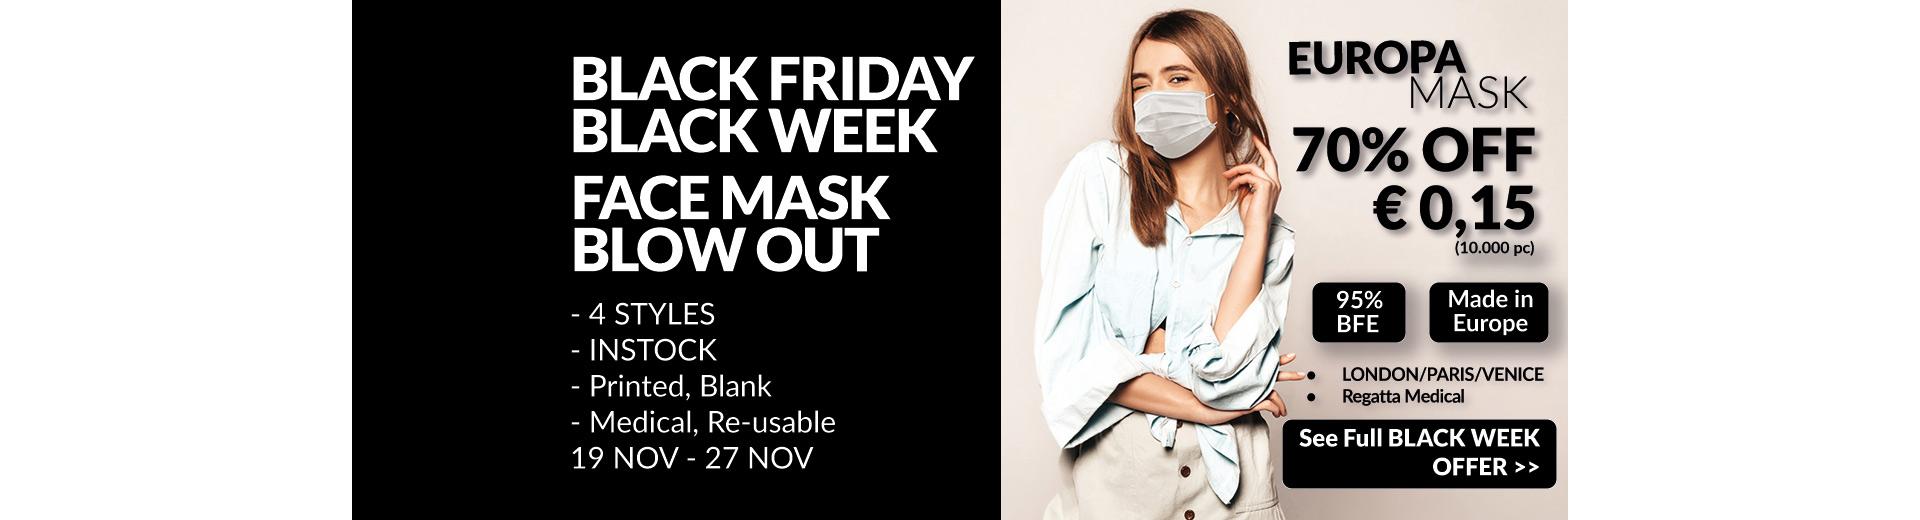 Black week offer masks